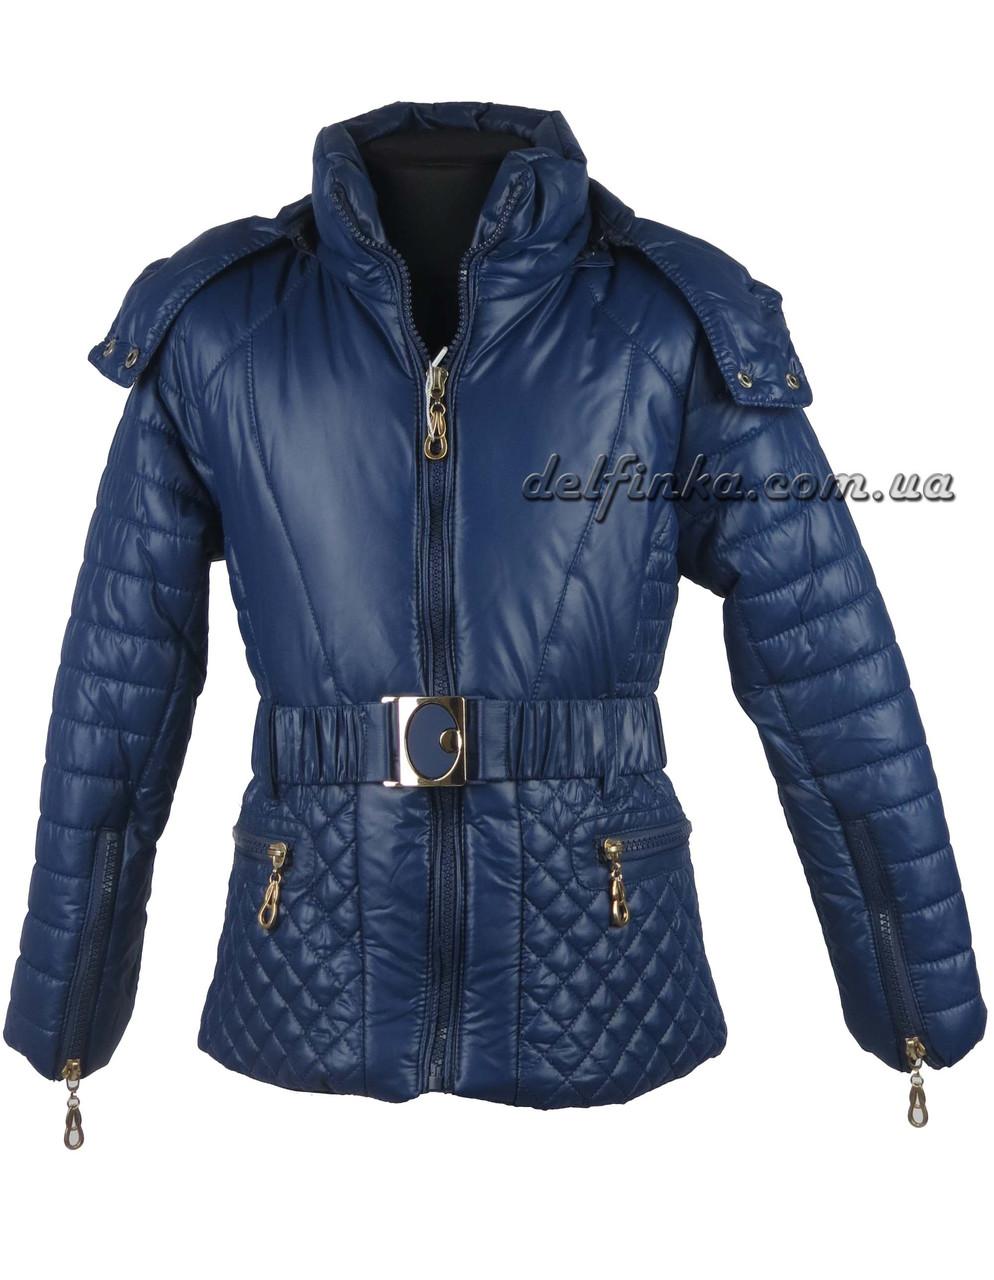 Куртка для девочек  демисизонная 5-9 лет цвет синий, фото 1